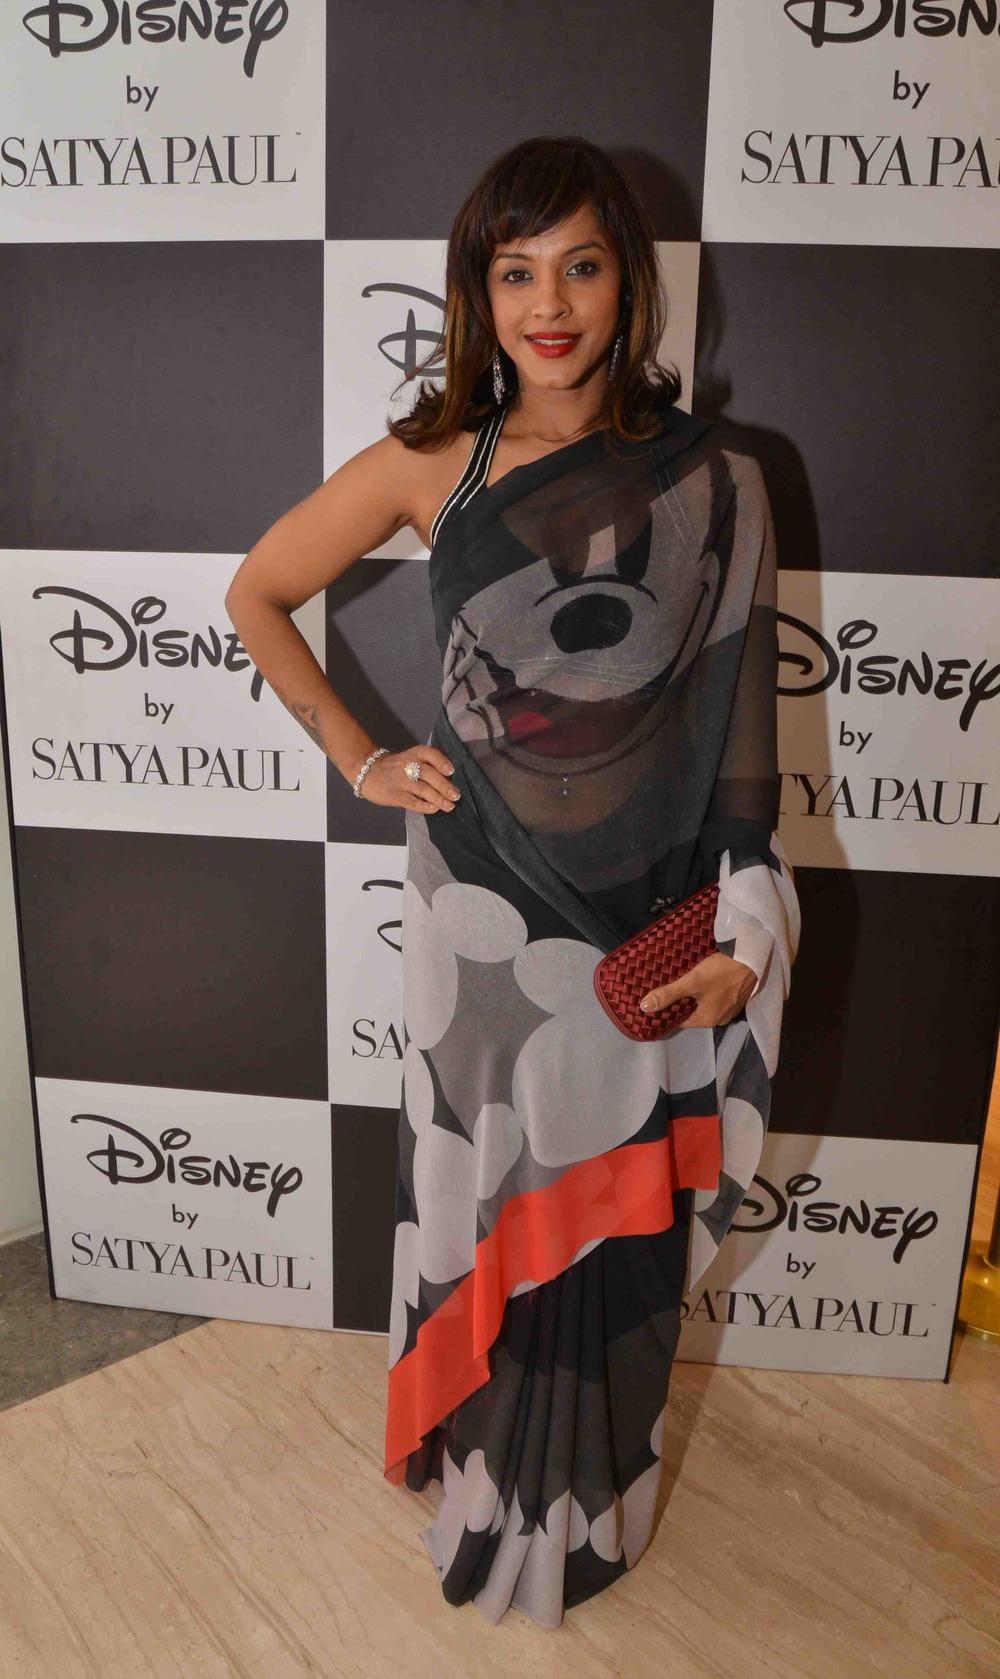 Manasi Scott in Disney Monopop by Satya Paul